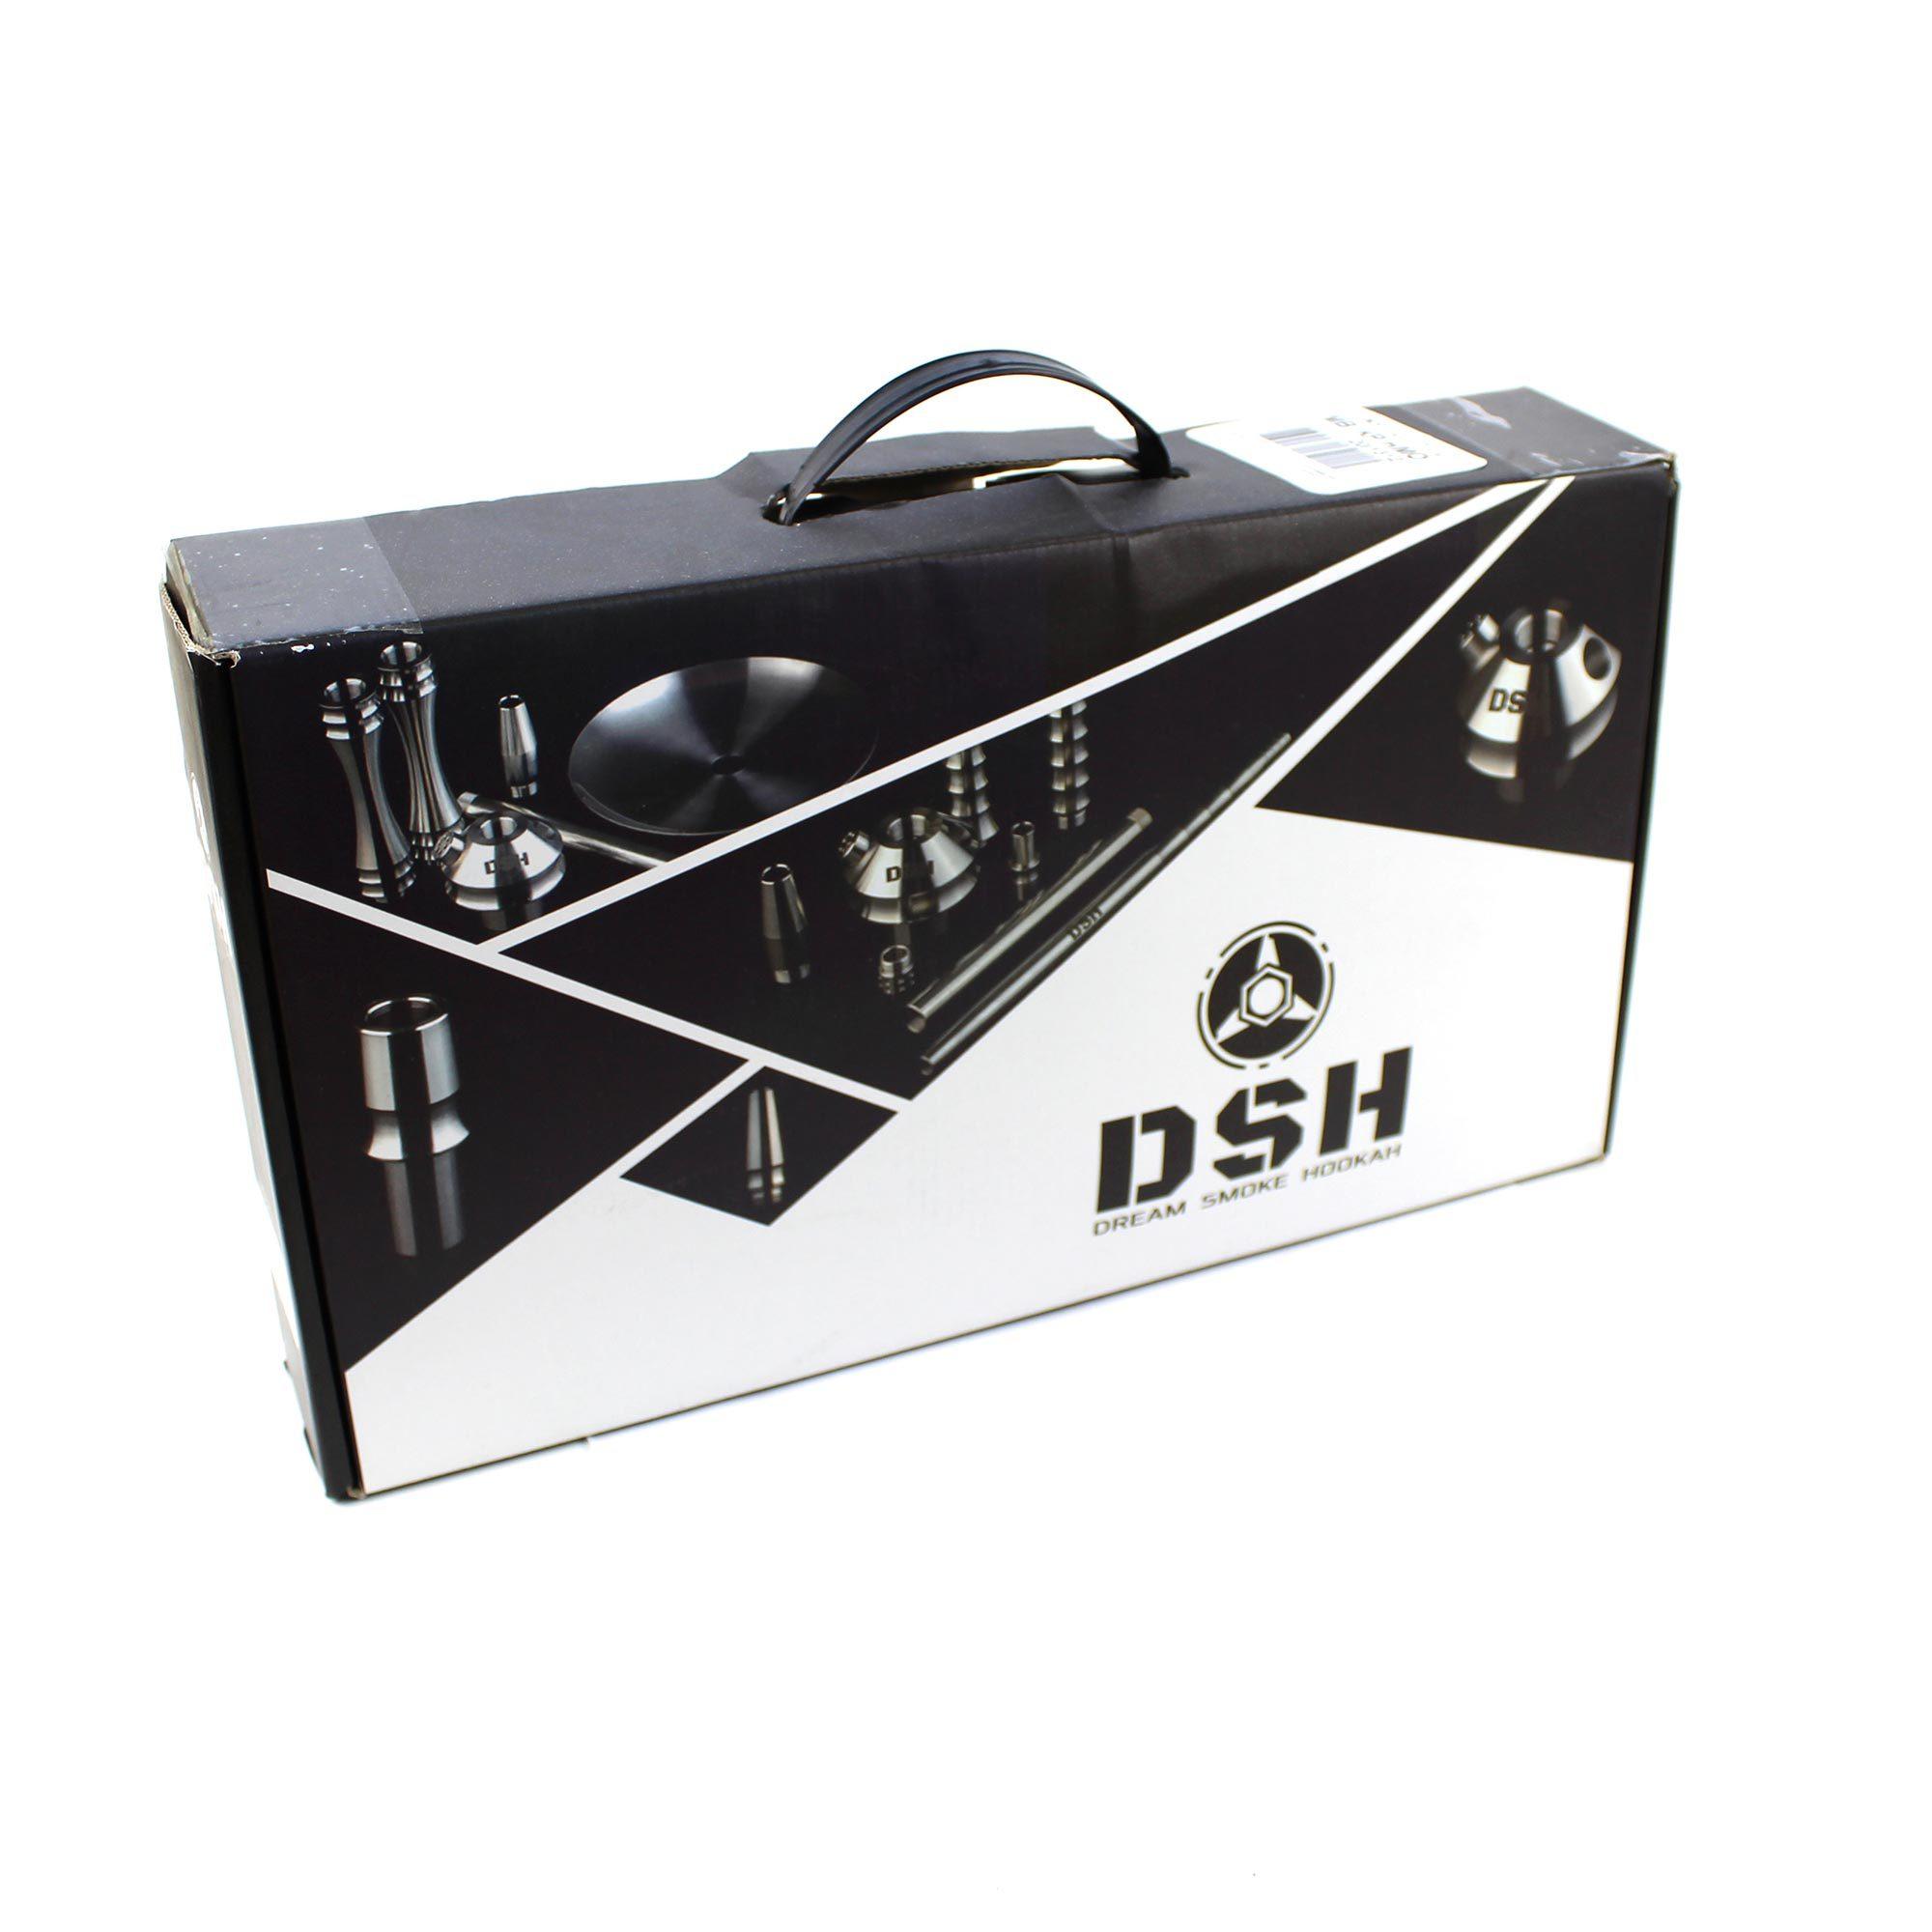 Фирменная коробка DSH Wave